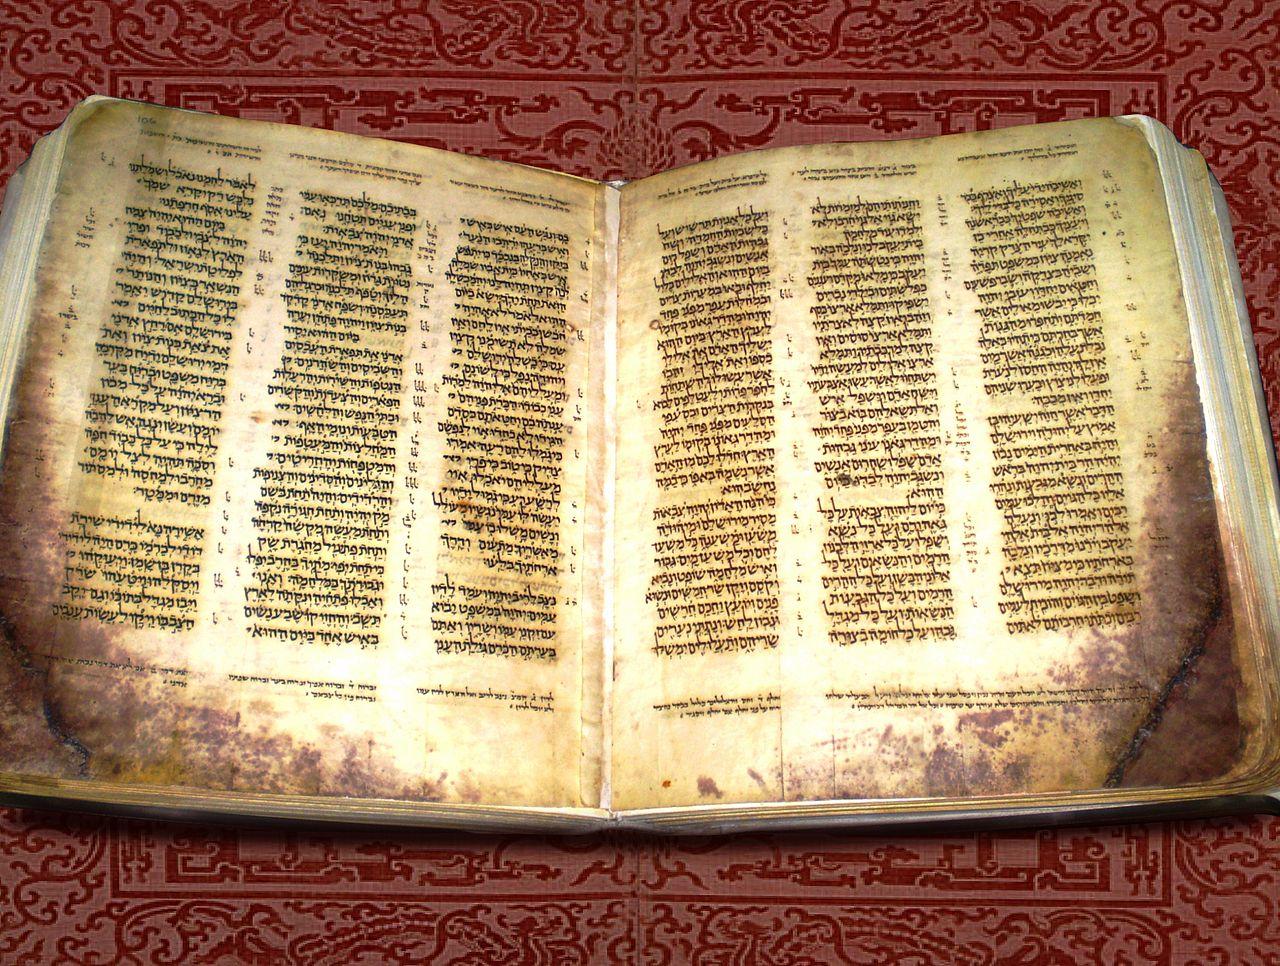 כתר ארם צובא, ספר ישעיהו. ניתן להבחין בסימנים הנראים כחריכה